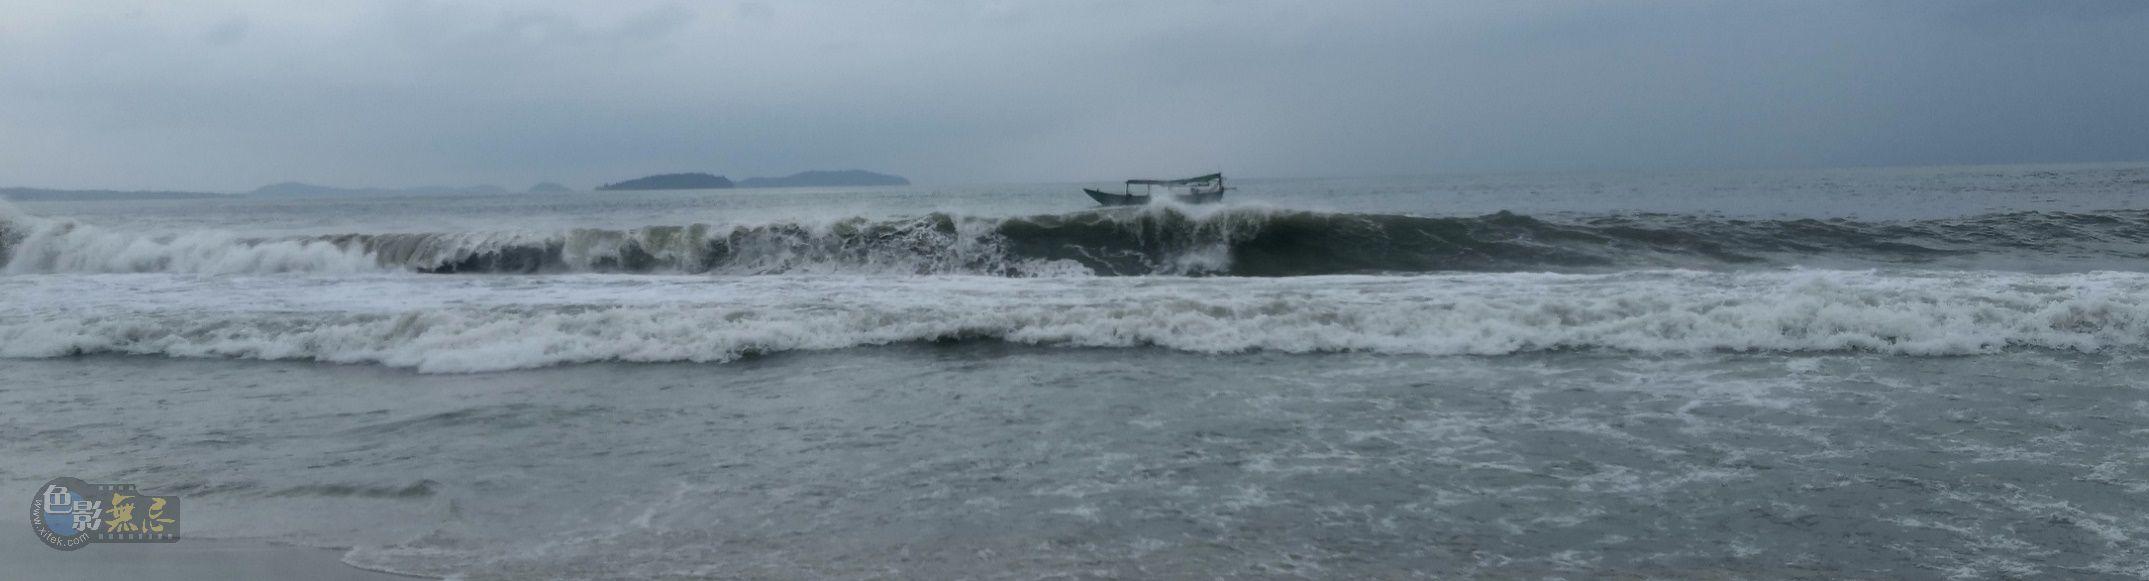 欧阳川作品:小船即将沉没-组图